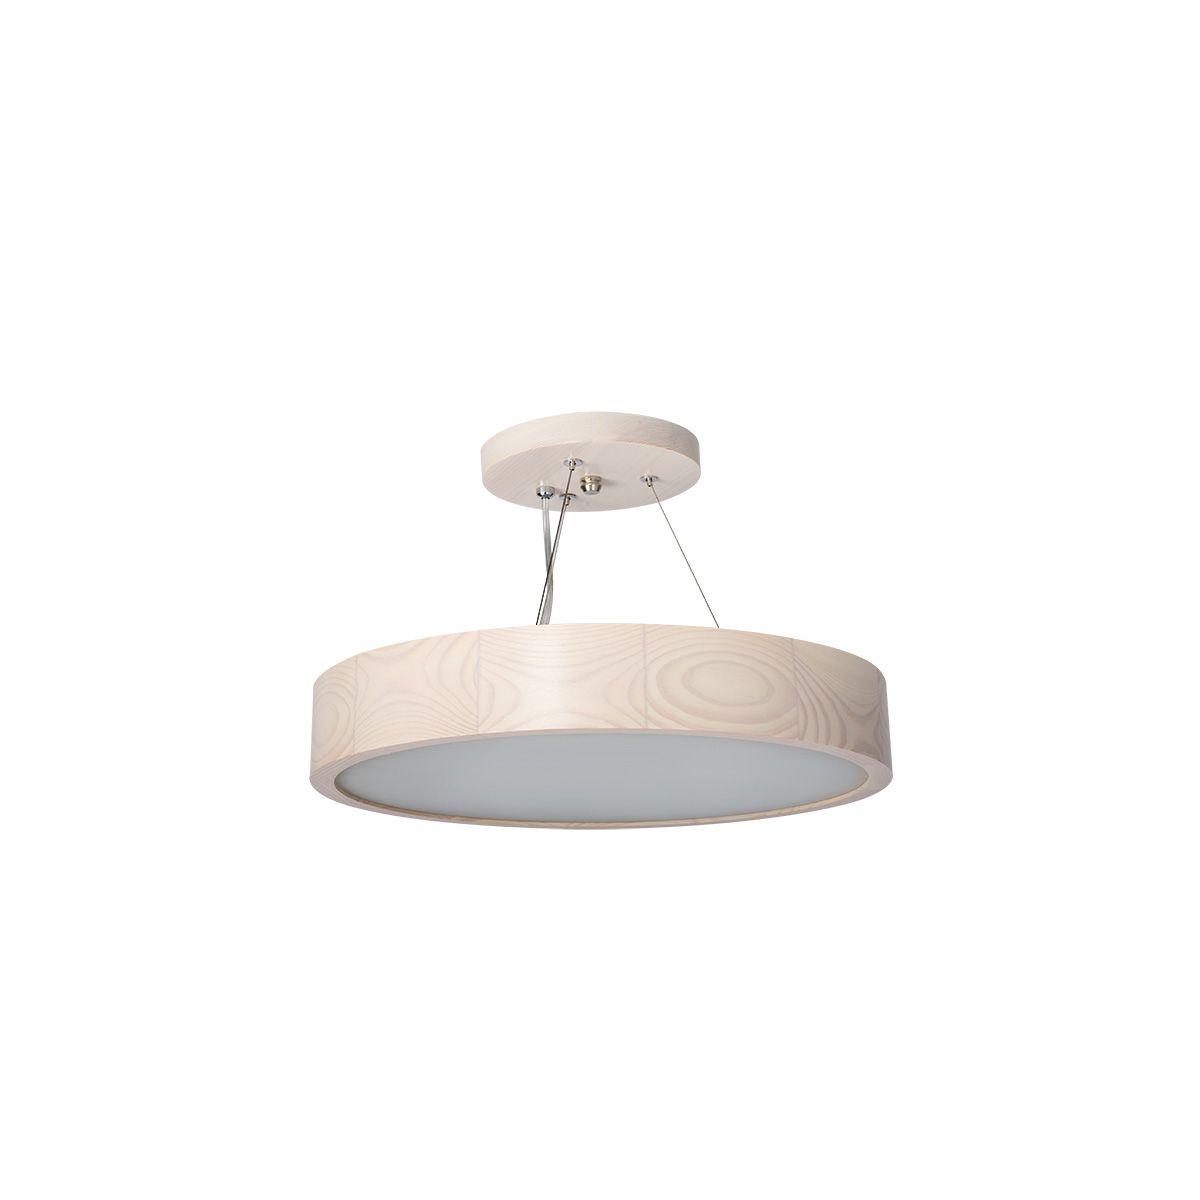 Lampa wisząca JASMIN 470-W-H 3x60W - biały dąb (23752)